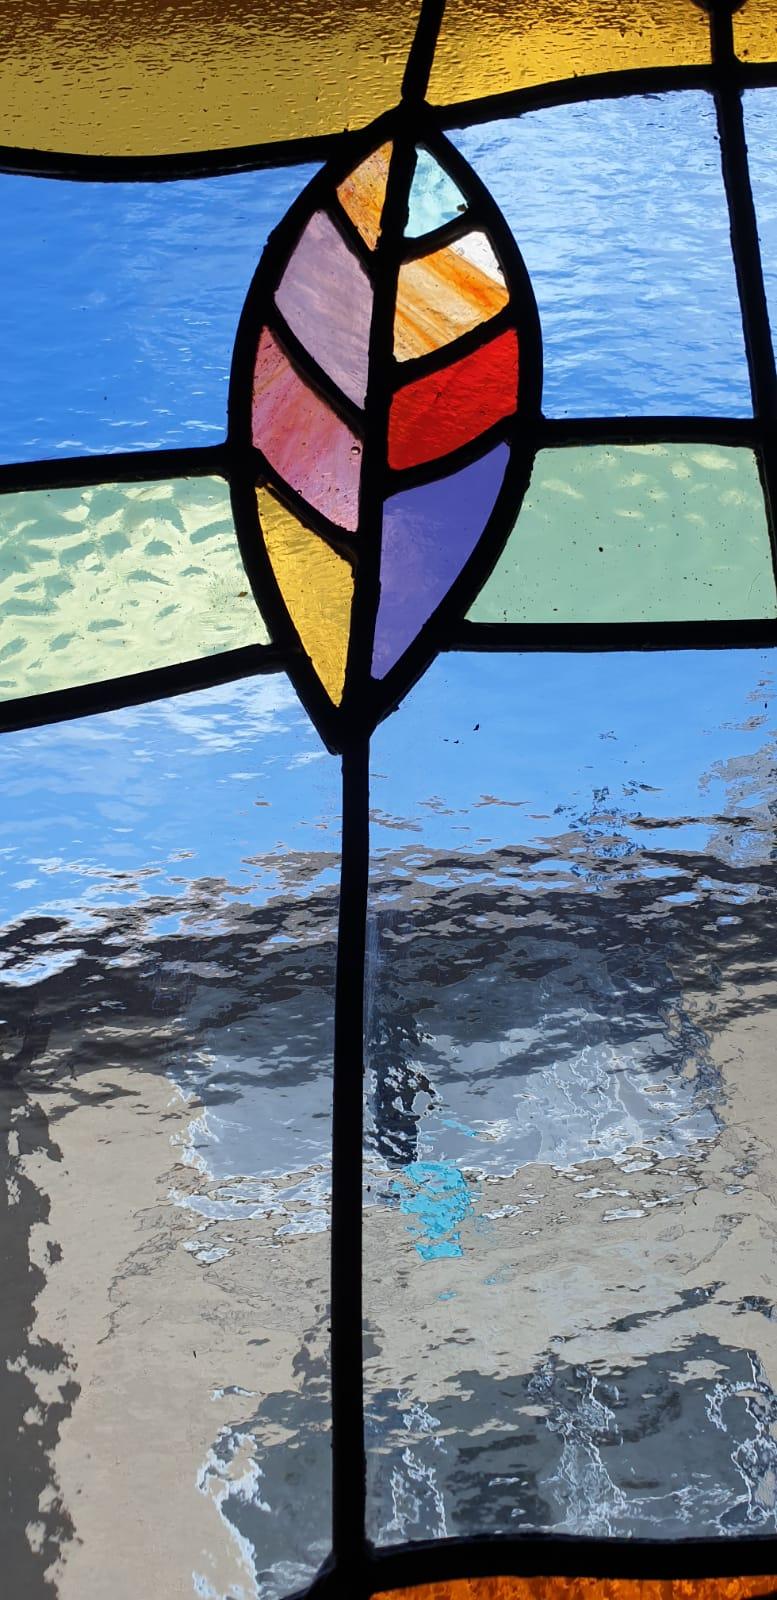 מבט מקרוב על מרקם הזכוכית בחלון הויטראז